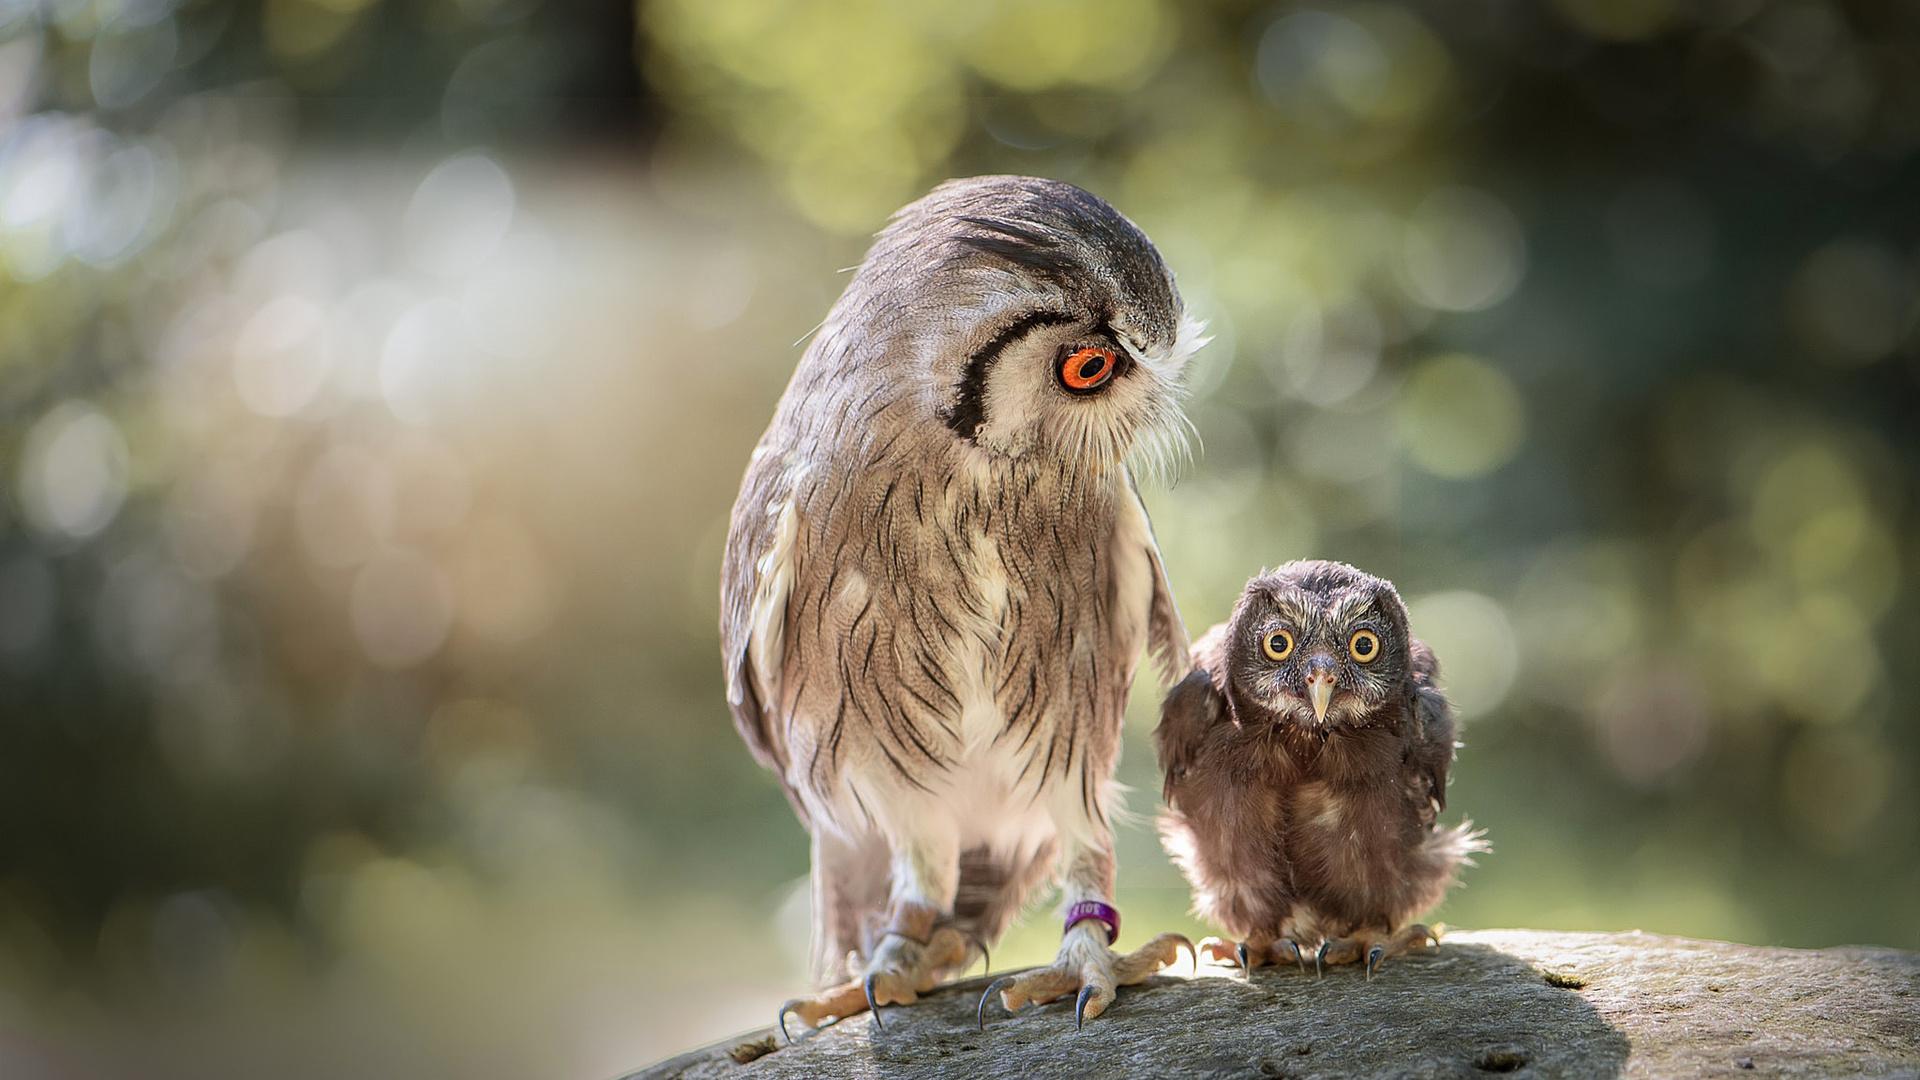 Картинки смешных птиц с надписью, своими